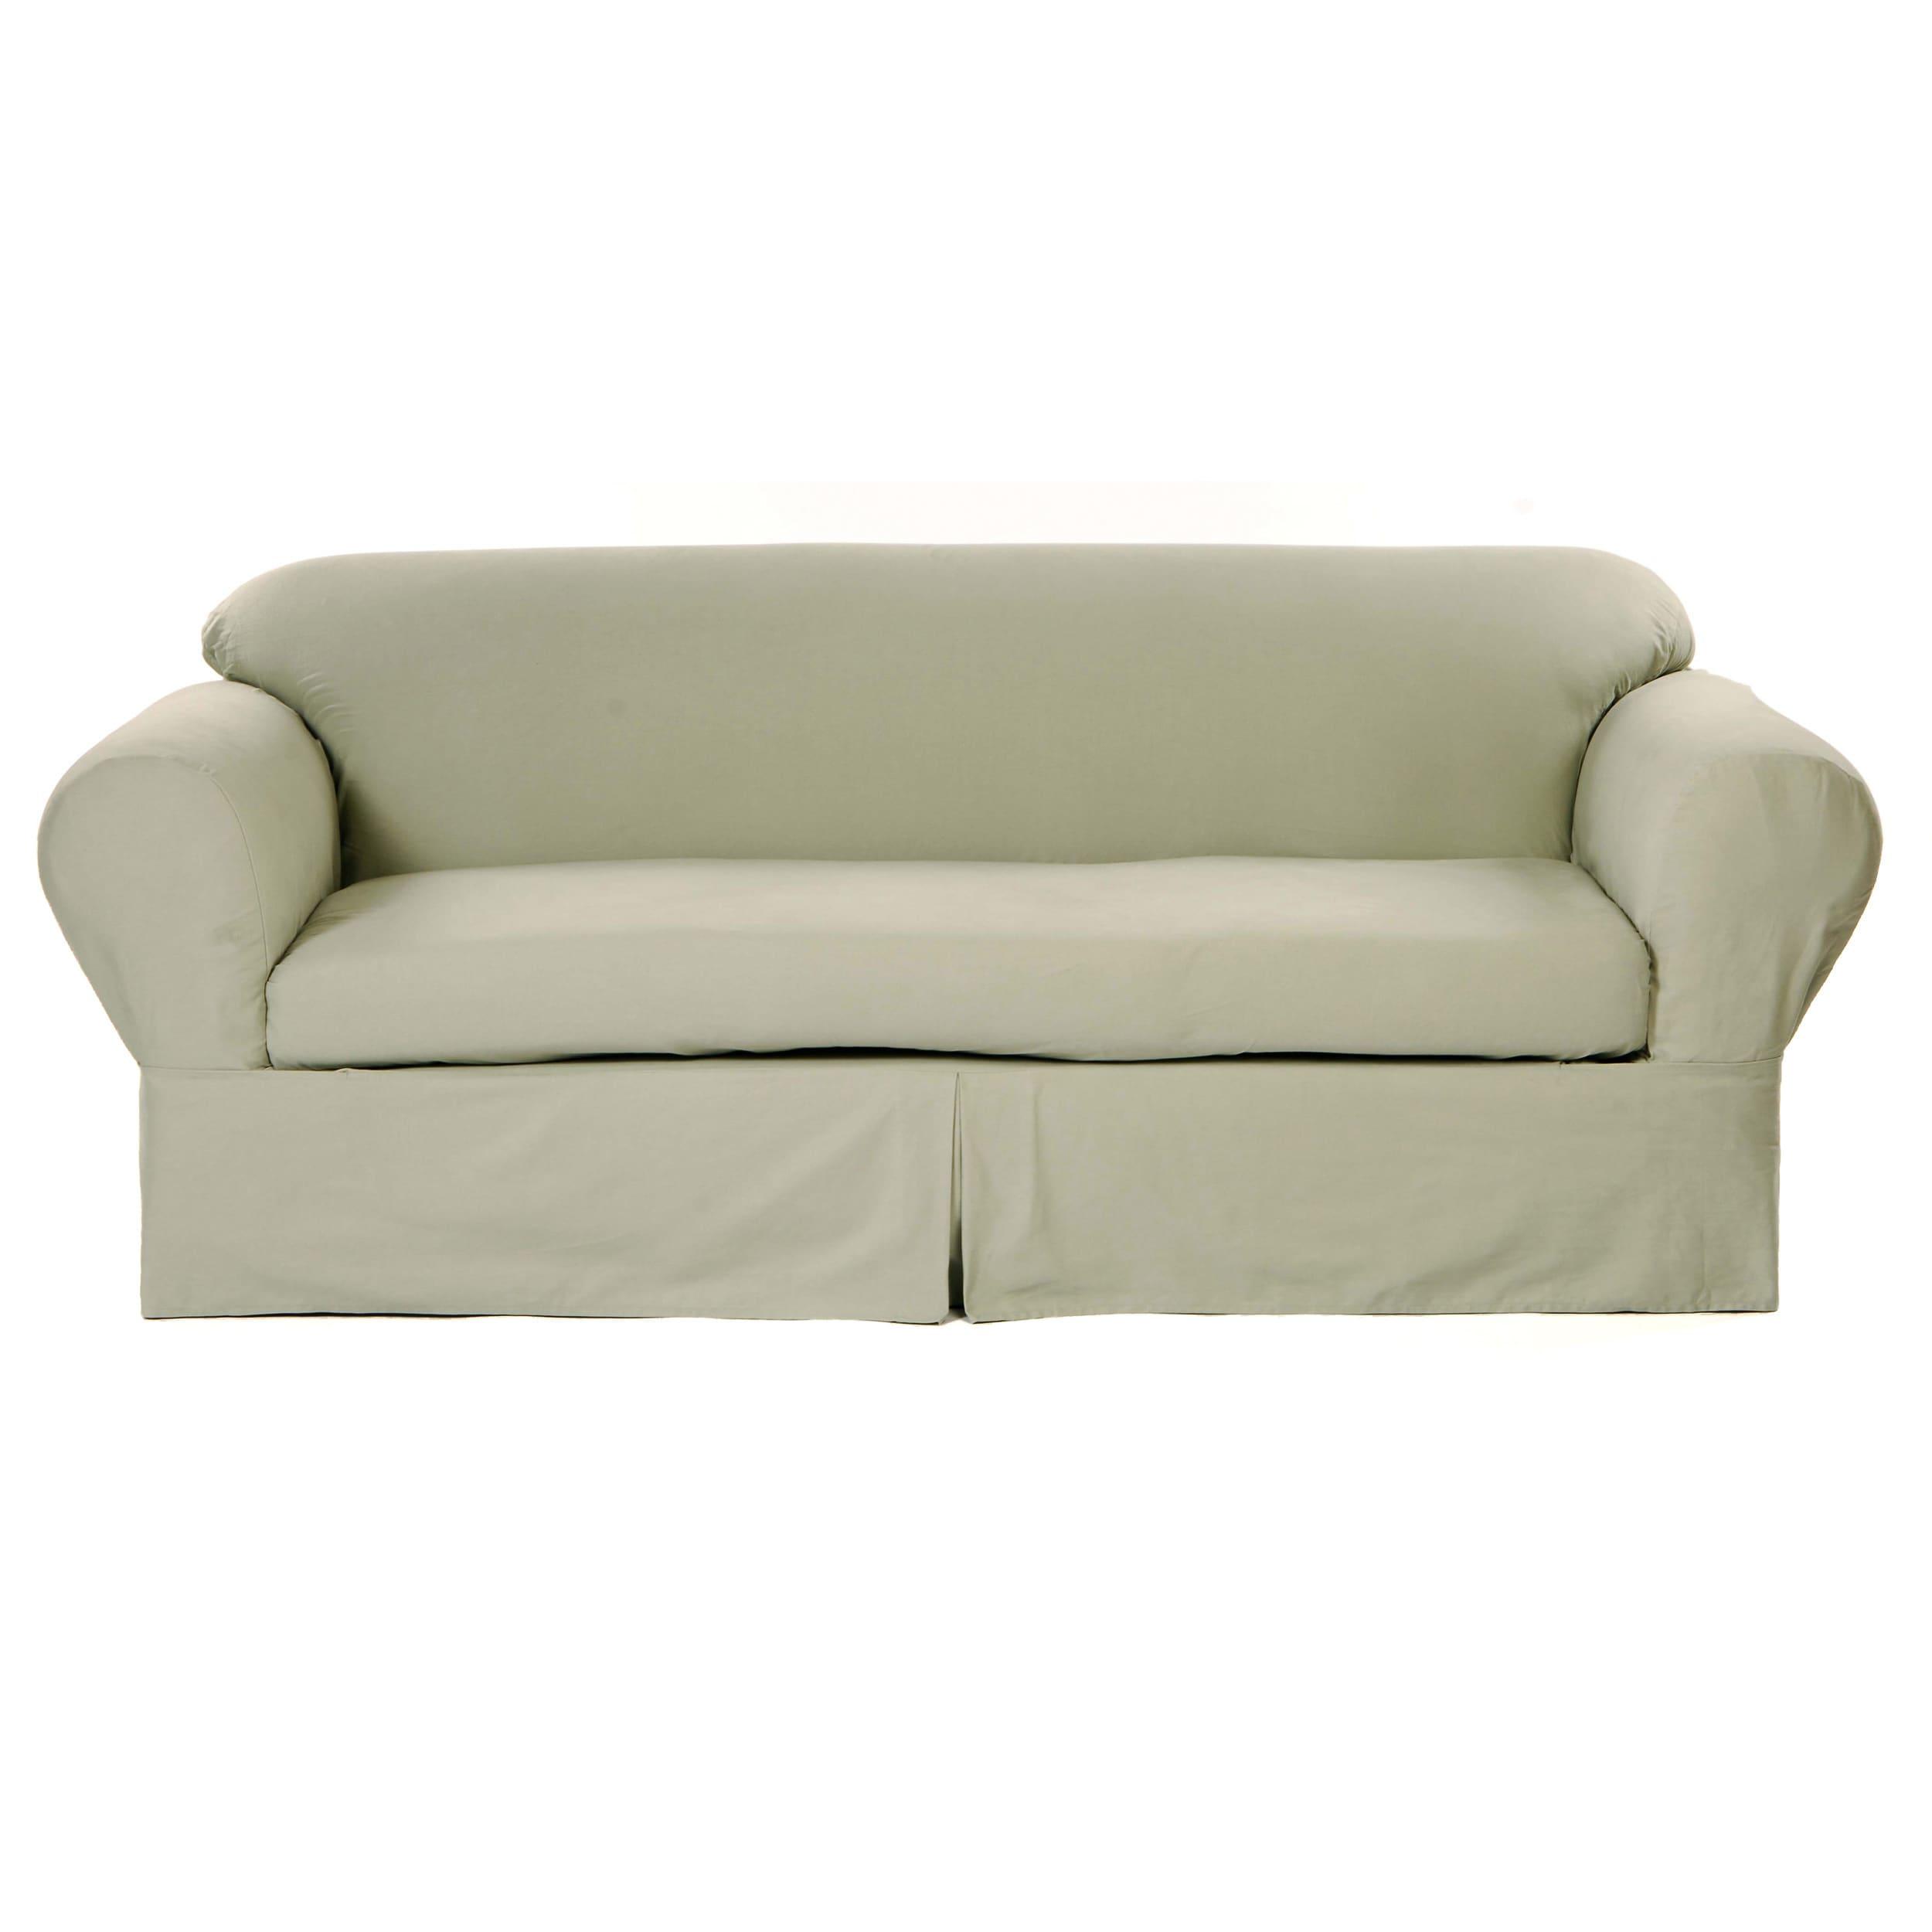 Clic Slipcovers 2 Piece Twill Sofa Slipcover